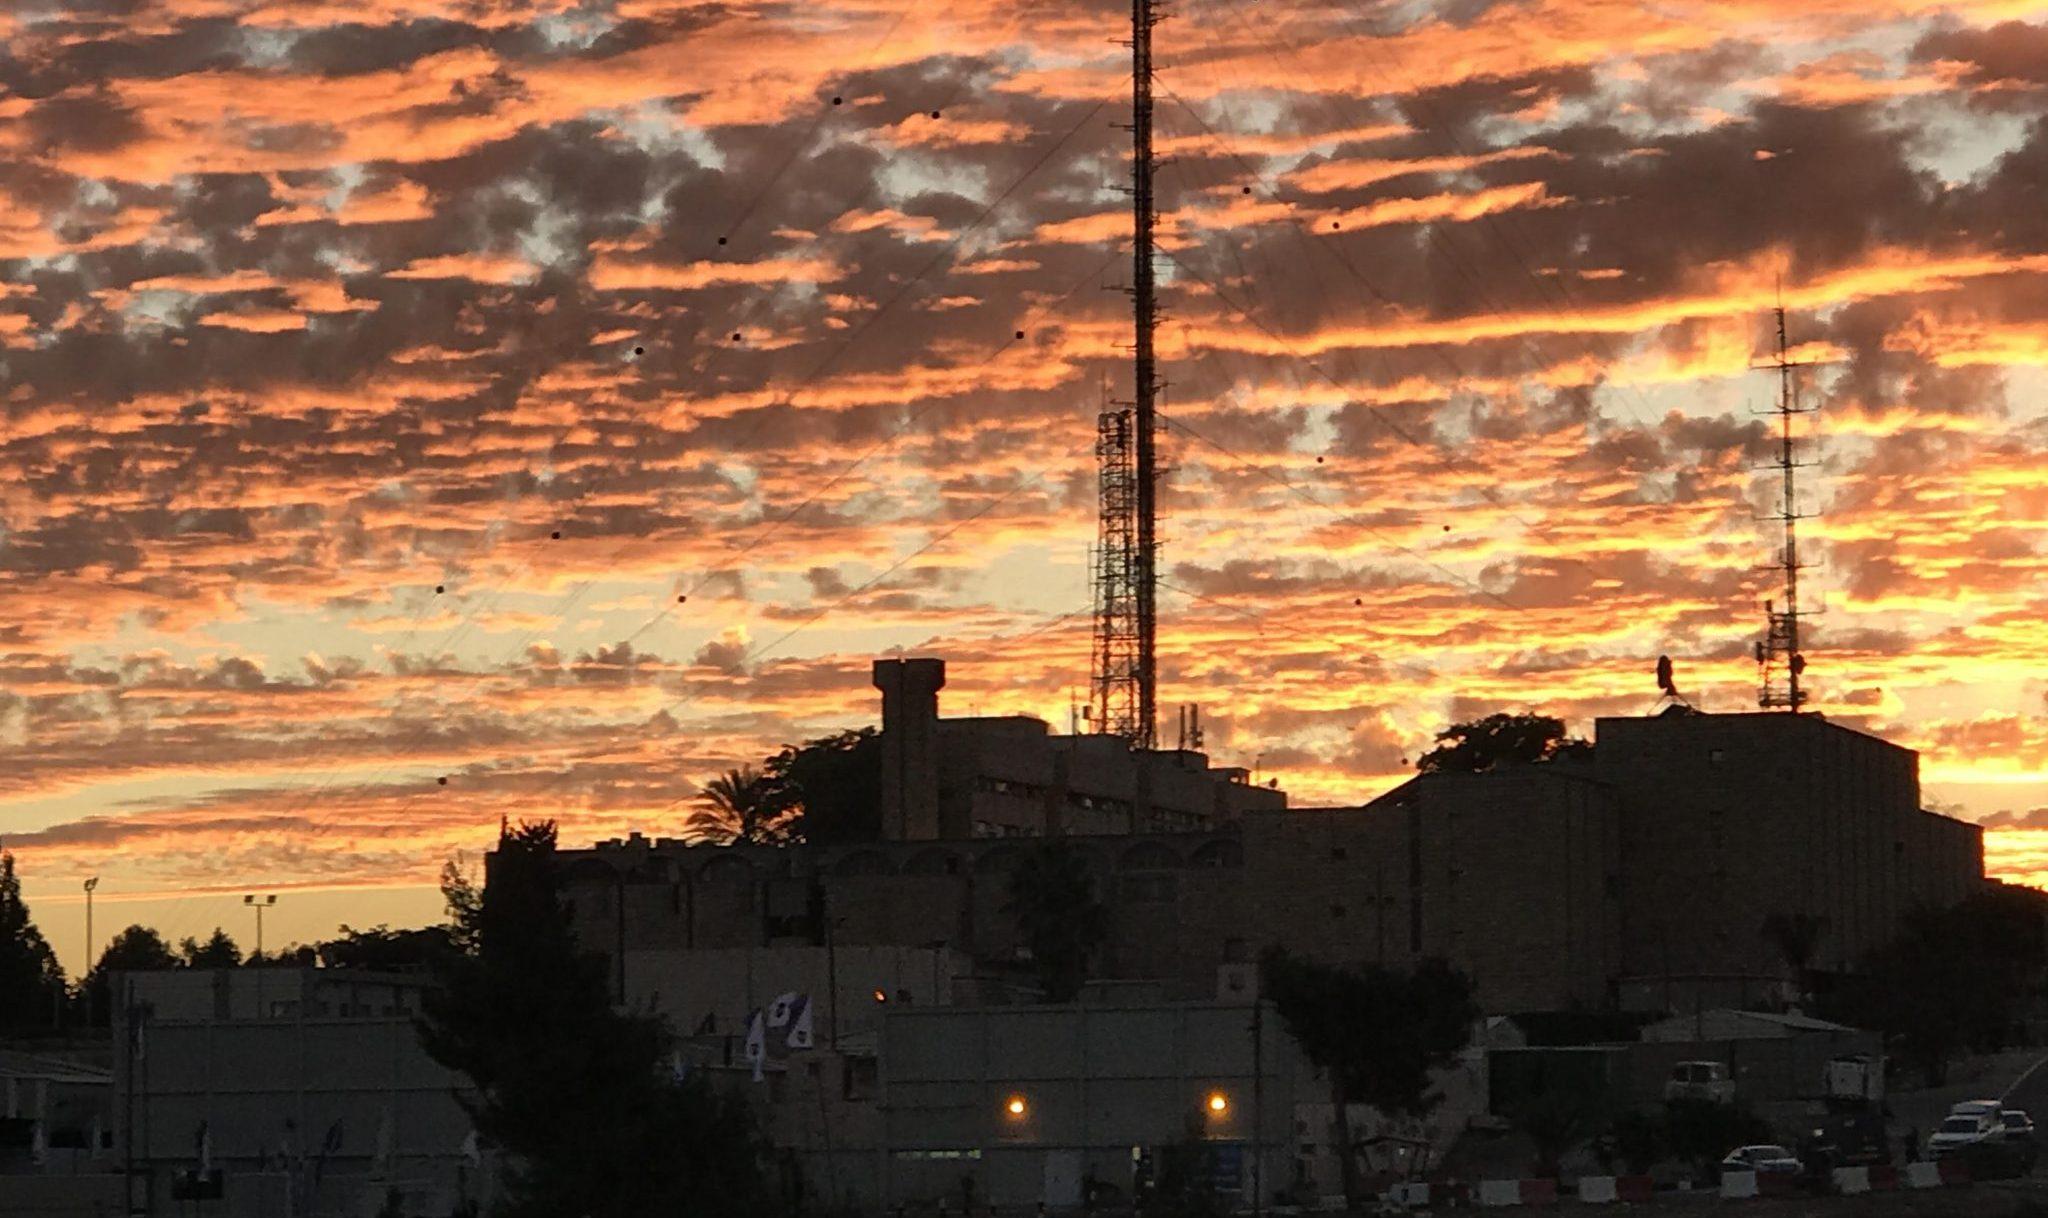 ארצנו המדהימה: השקיעה מעל פיקוד מרכז